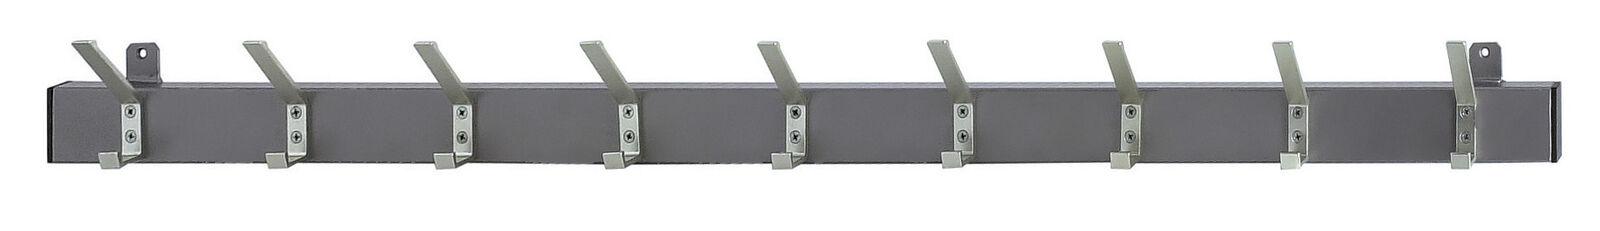 Wandgarderobe 138 138 138 cm, Grau | Bekannt für seine gute Qualität  9e3840